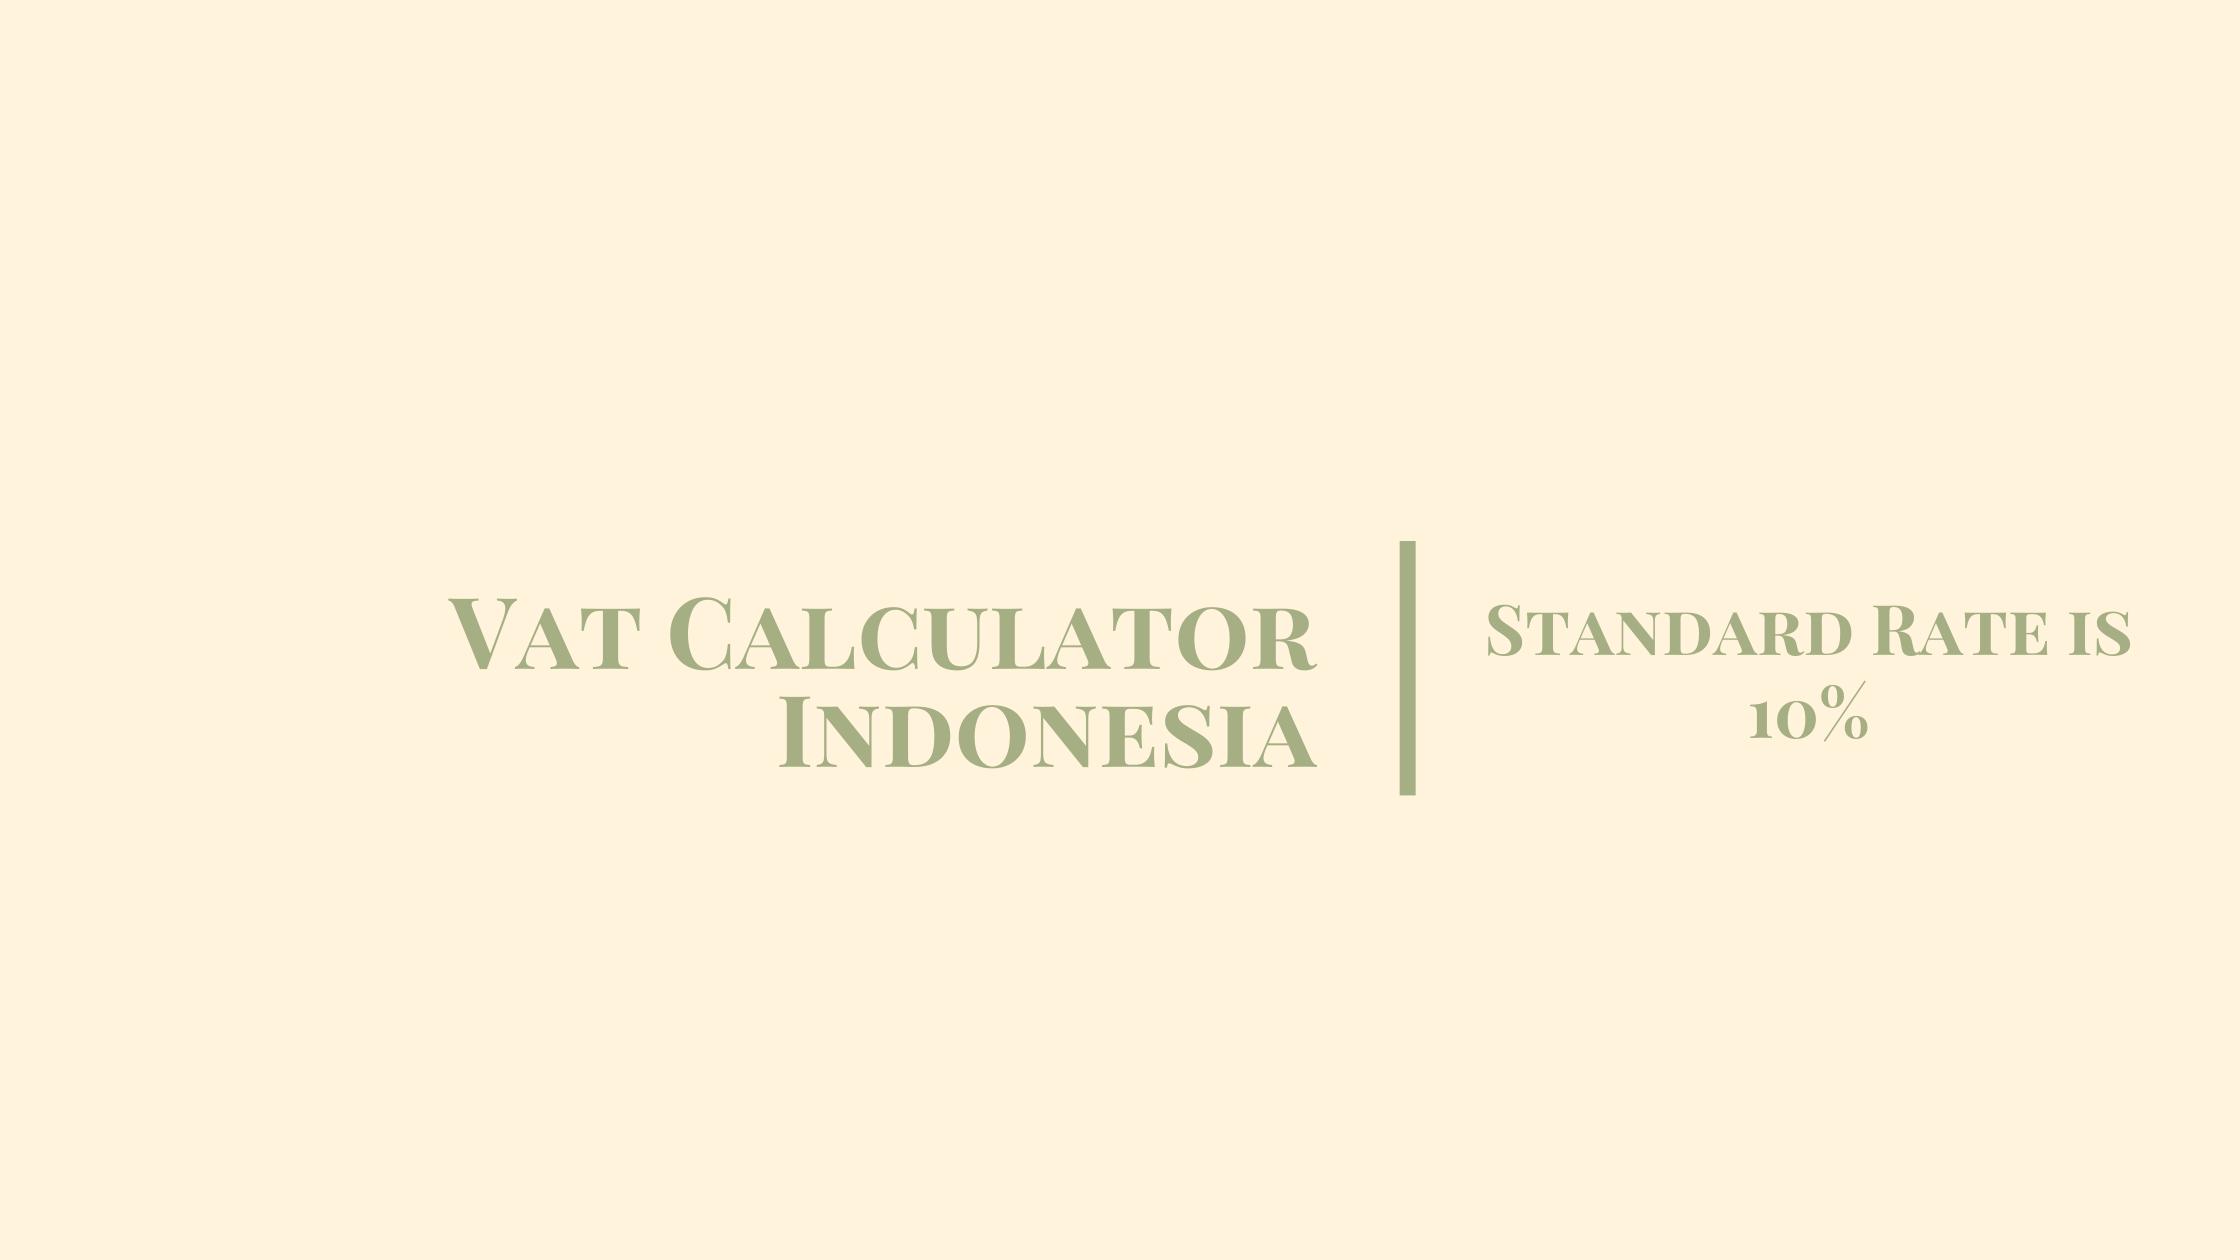 vat Indonesia calculator